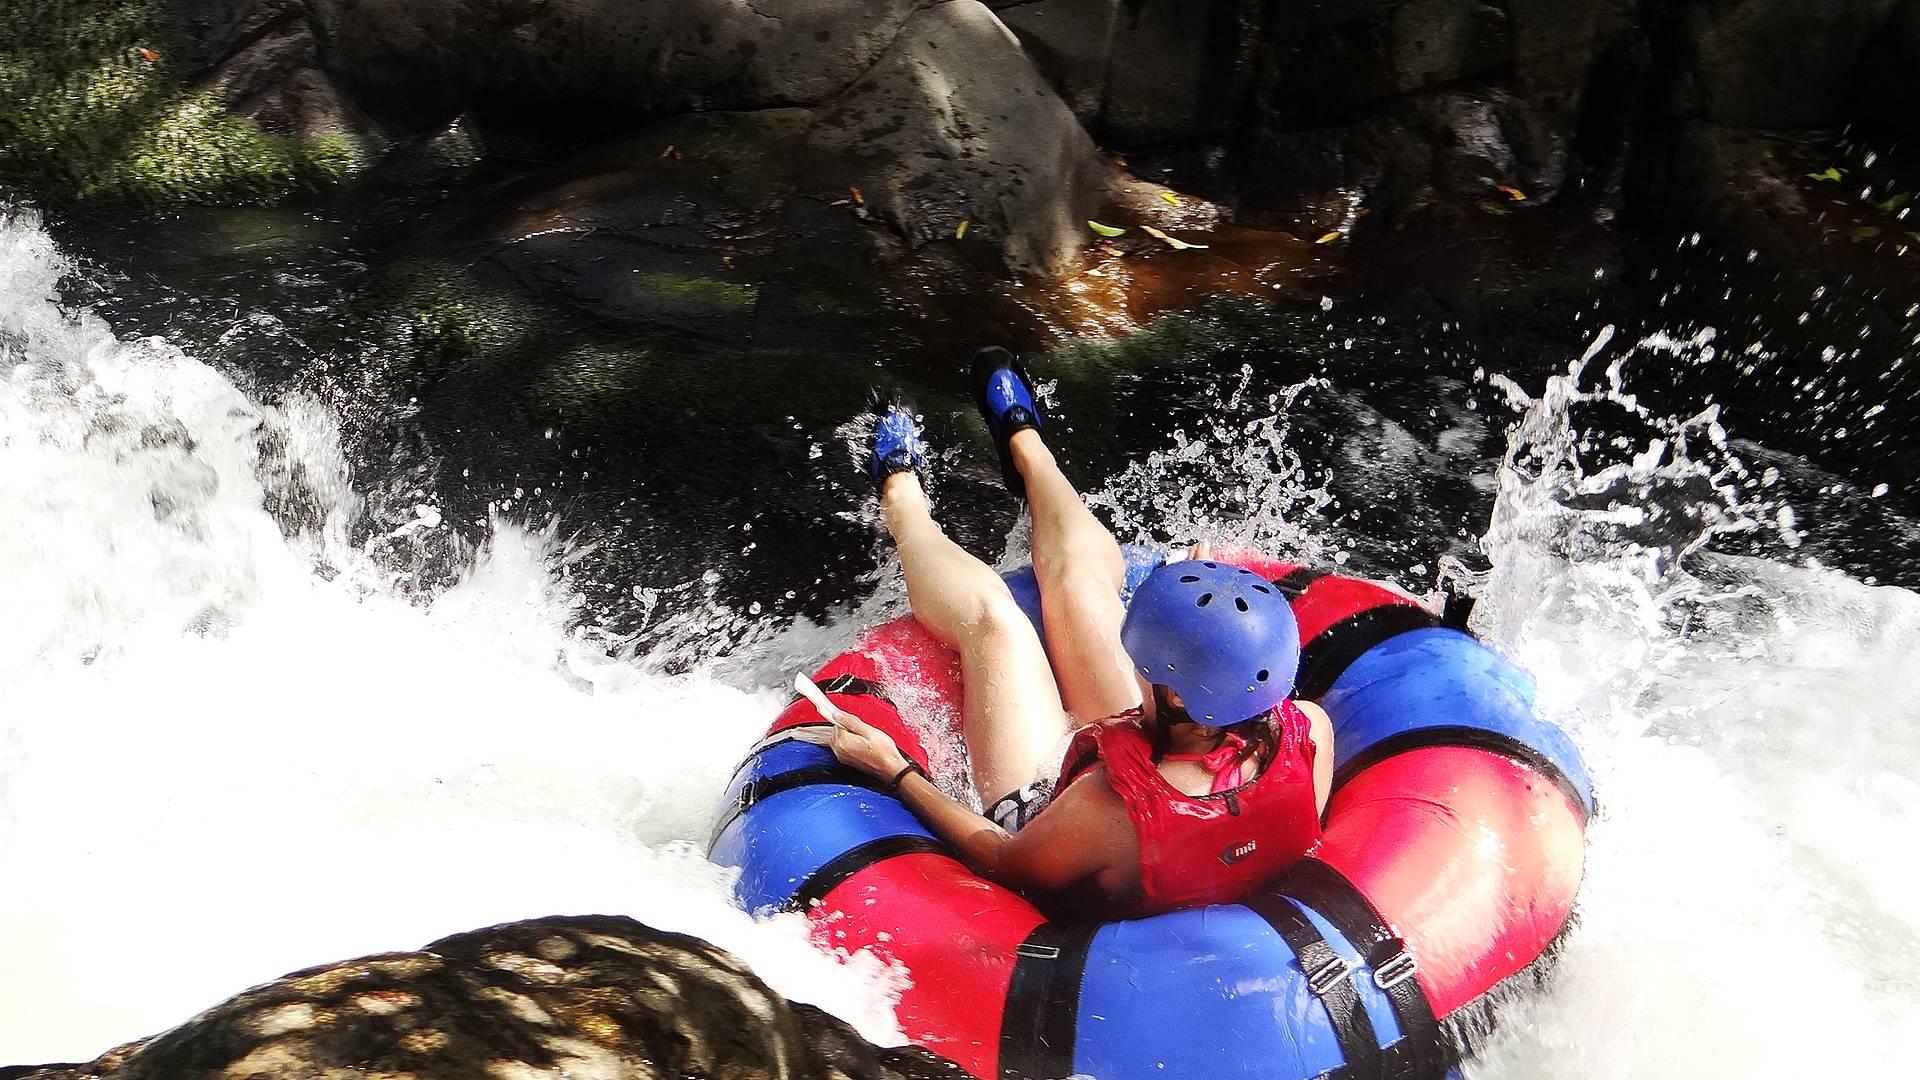 Abenteuer und Natur pur!